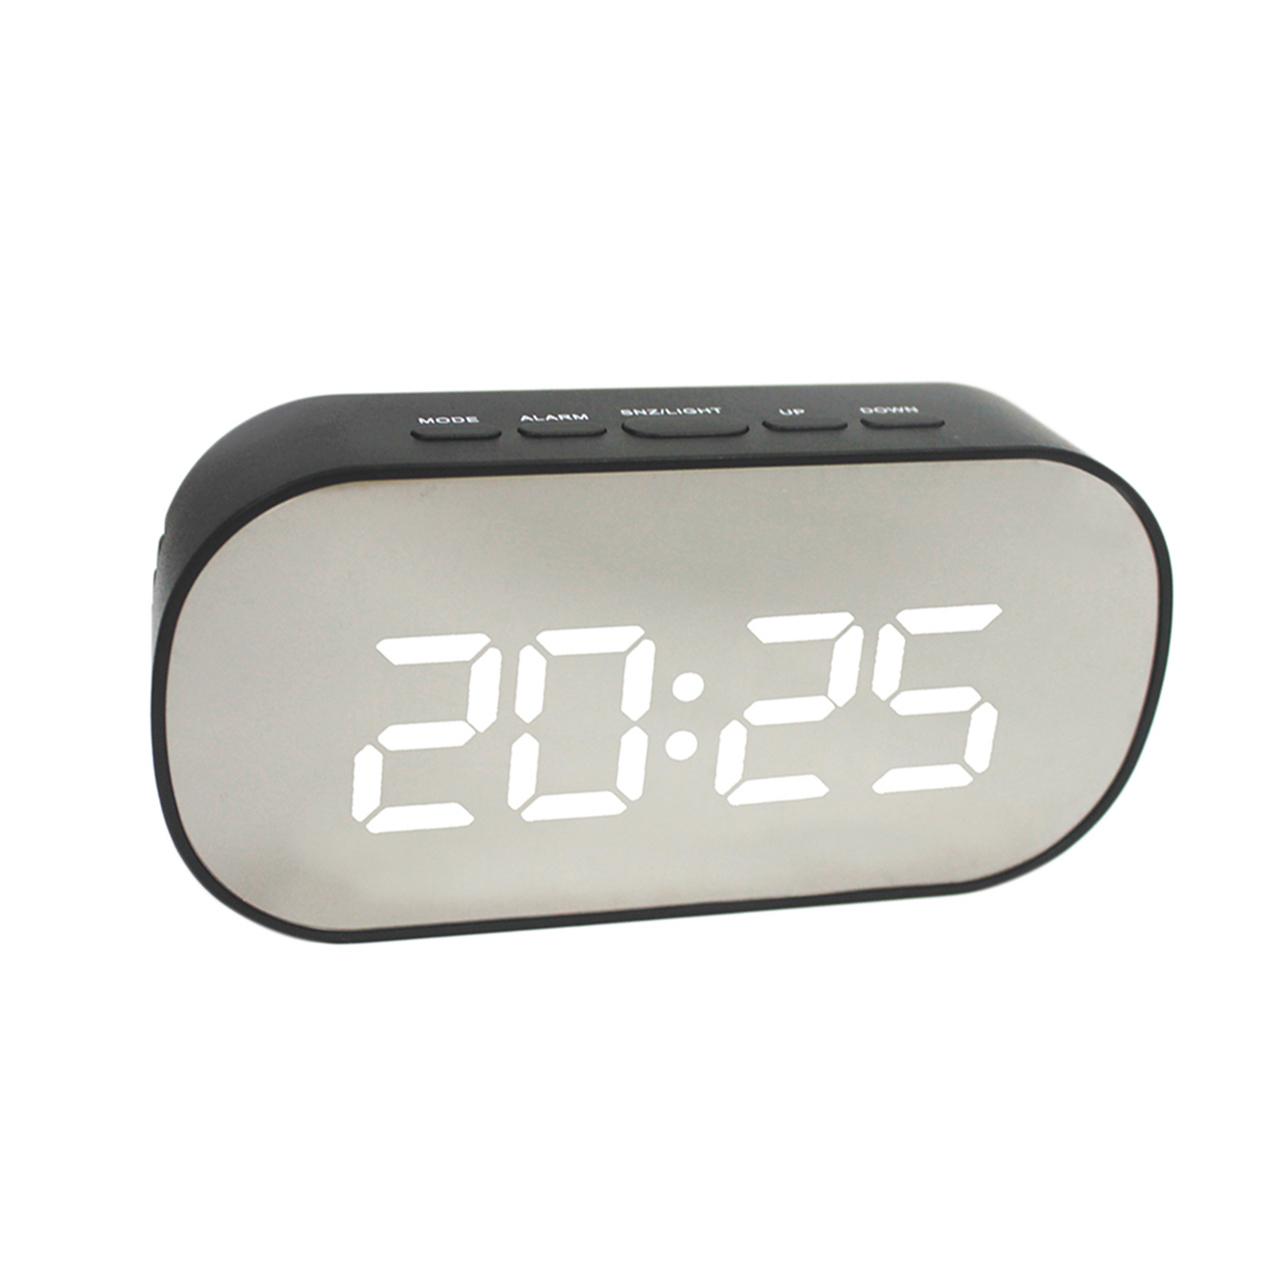 ساعت رومیزی کد DT-6506